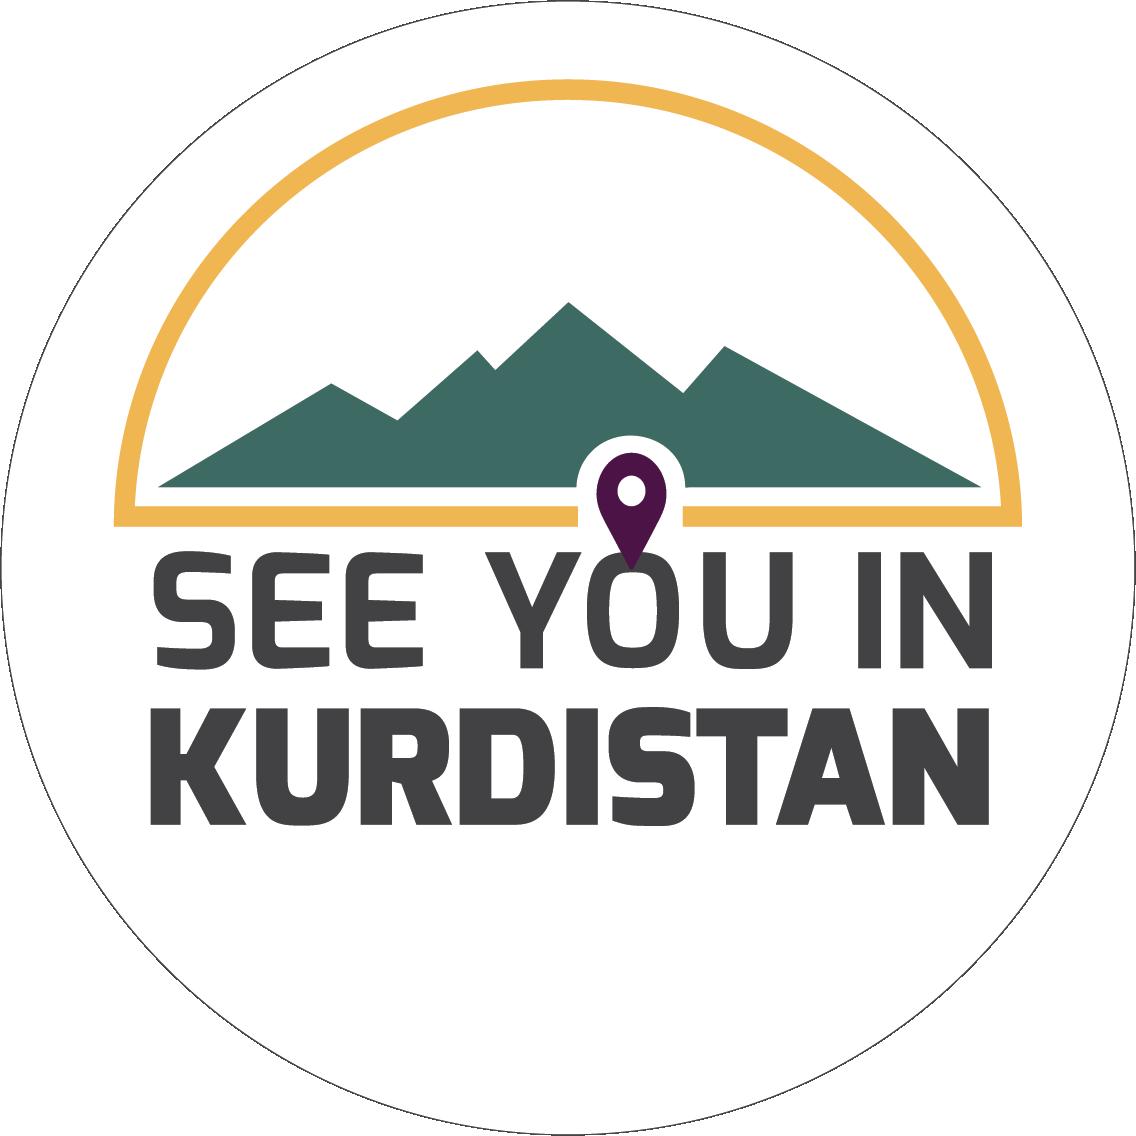 See You in Kurdistan